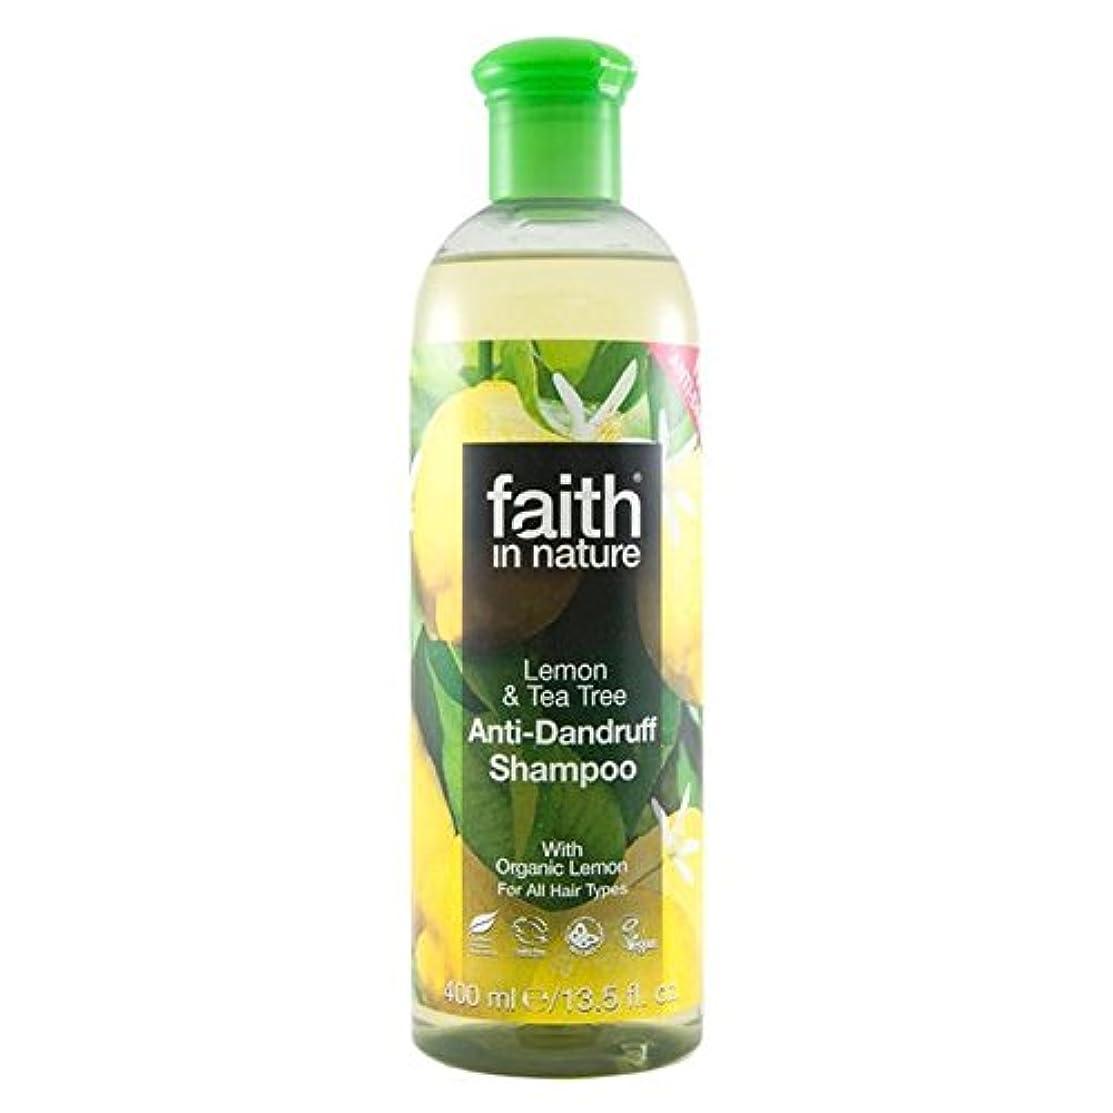 トレード風味引退するFaith in Nature Anti-Dandruff Lemon & Tea Tree Shampoo 400ml (Pack of 2) - (Faith In Nature) 自然の中で信仰抗フケレモン&ティーツリーシャンプー400ミリリットル (x2) [並行輸入品]